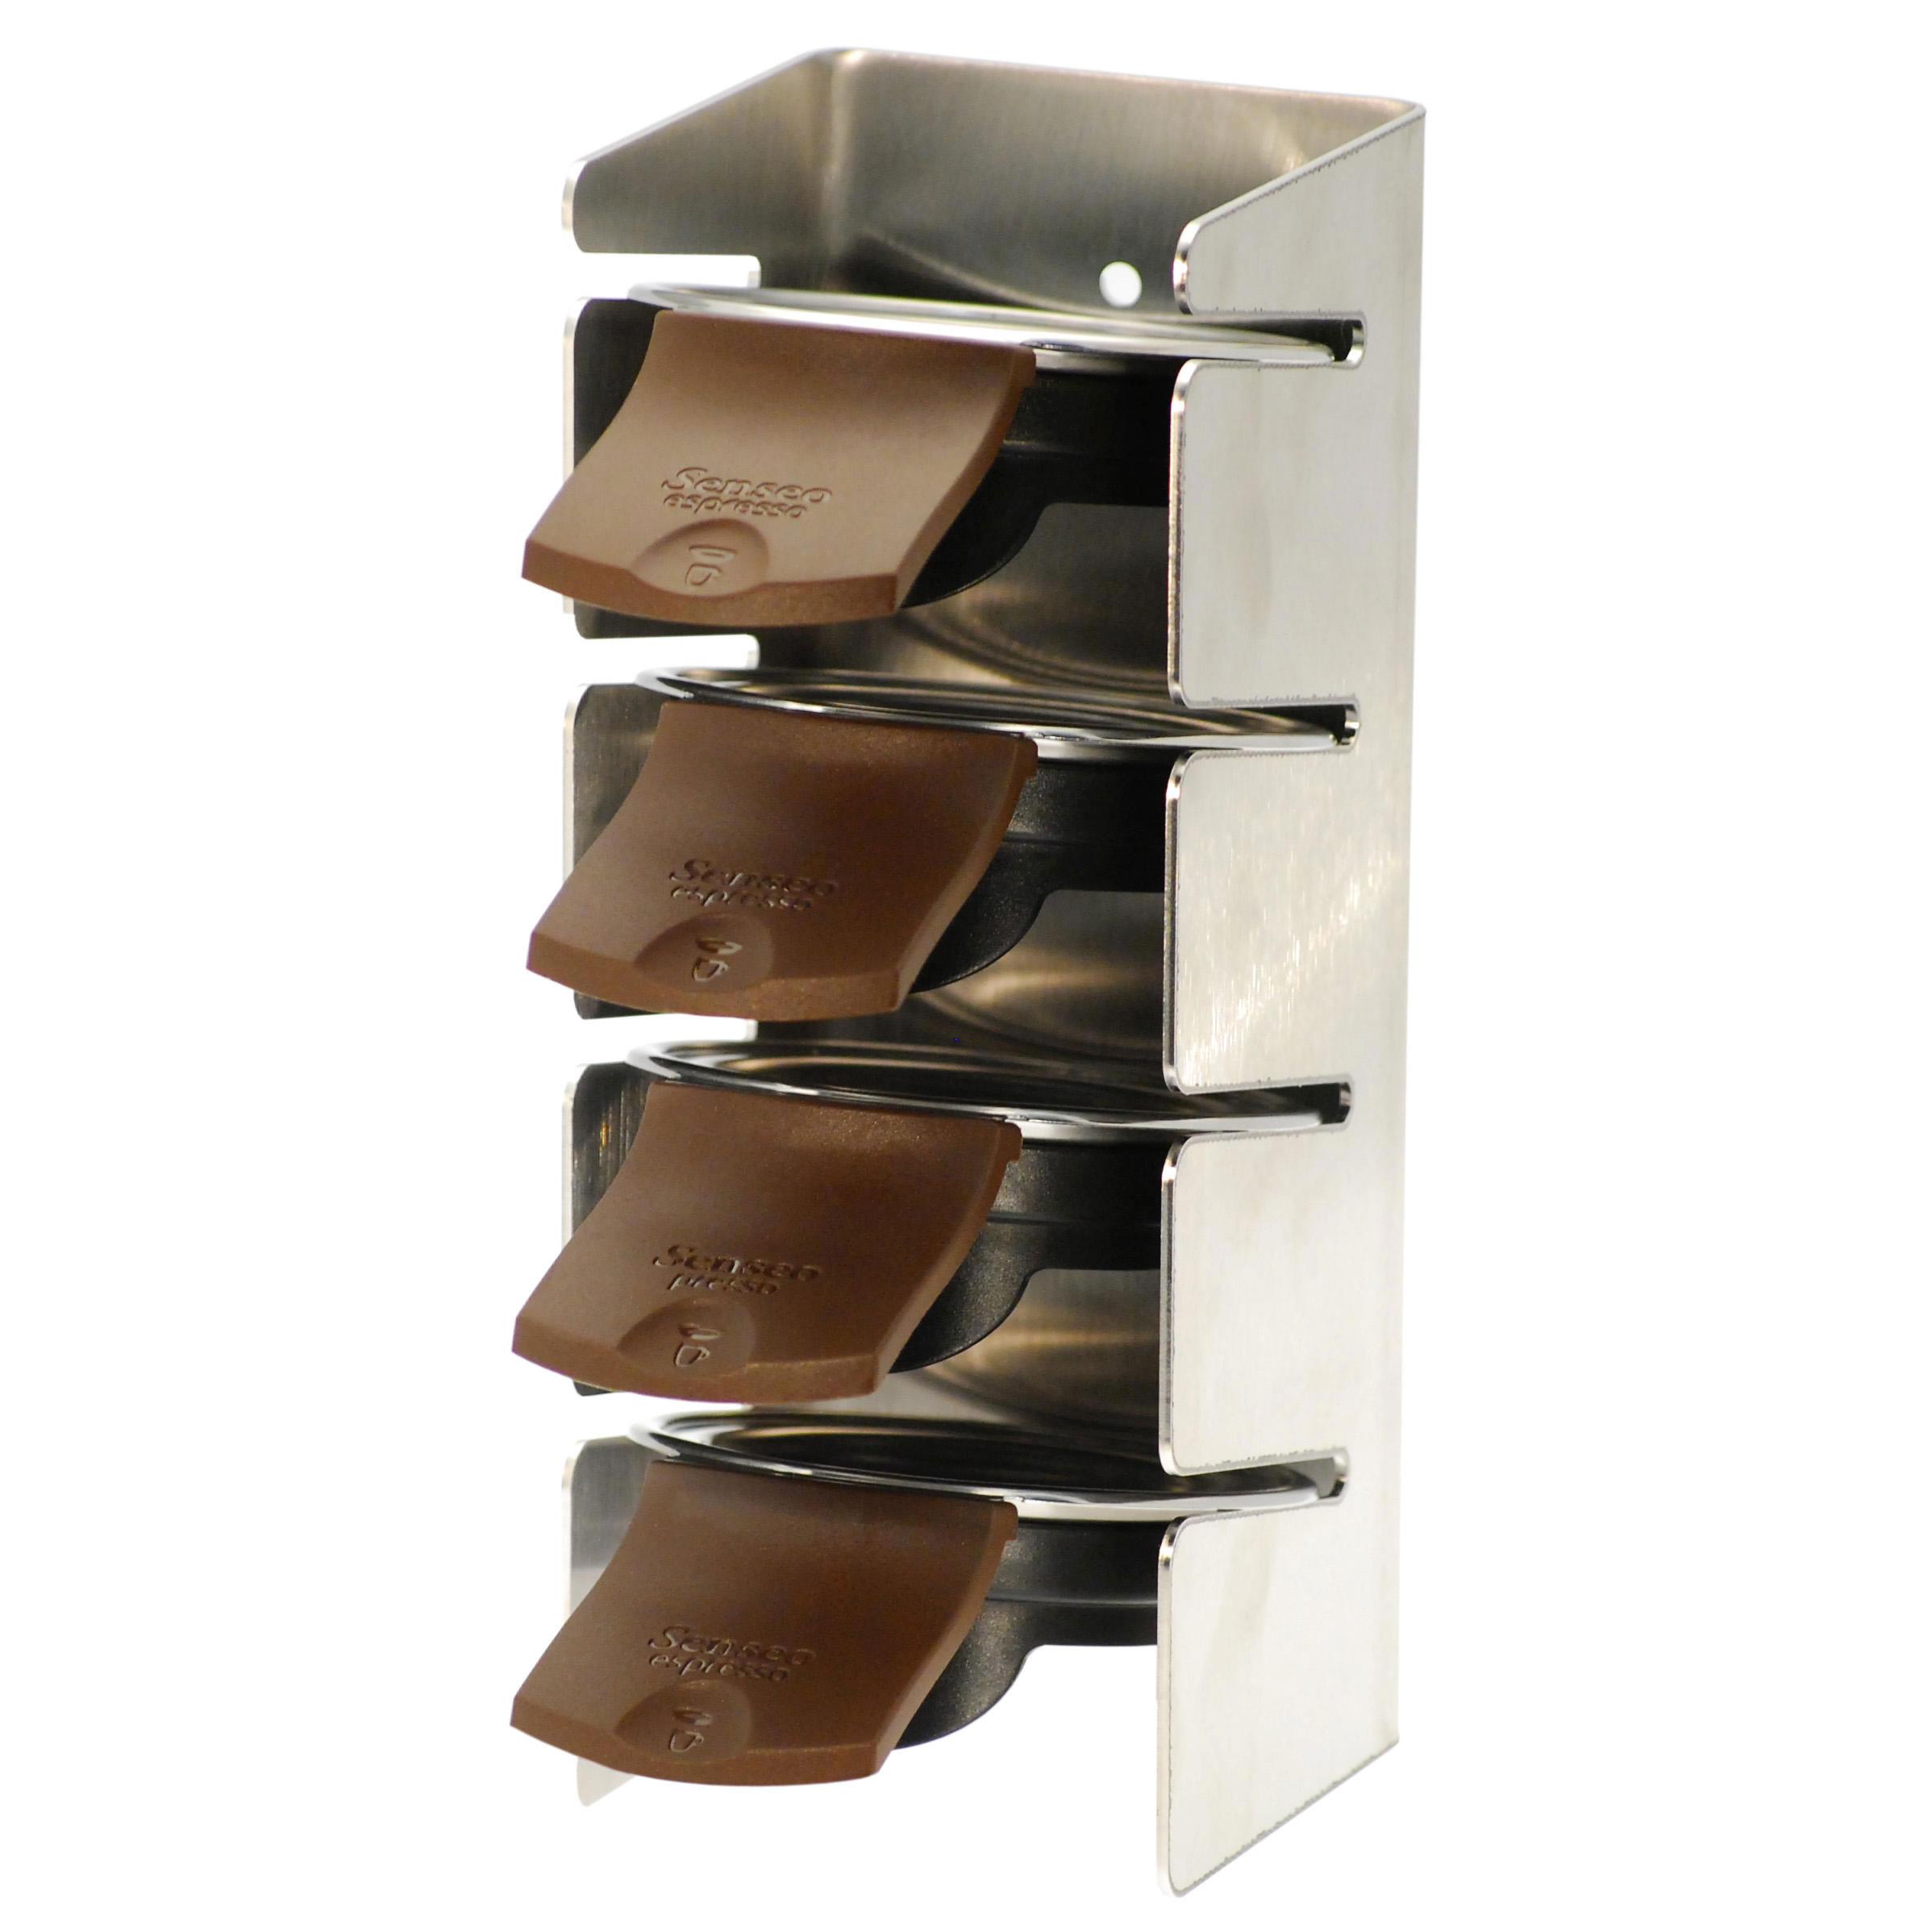 pod holder rack for senseo quadrante hd7860 at about shop. Black Bedroom Furniture Sets. Home Design Ideas